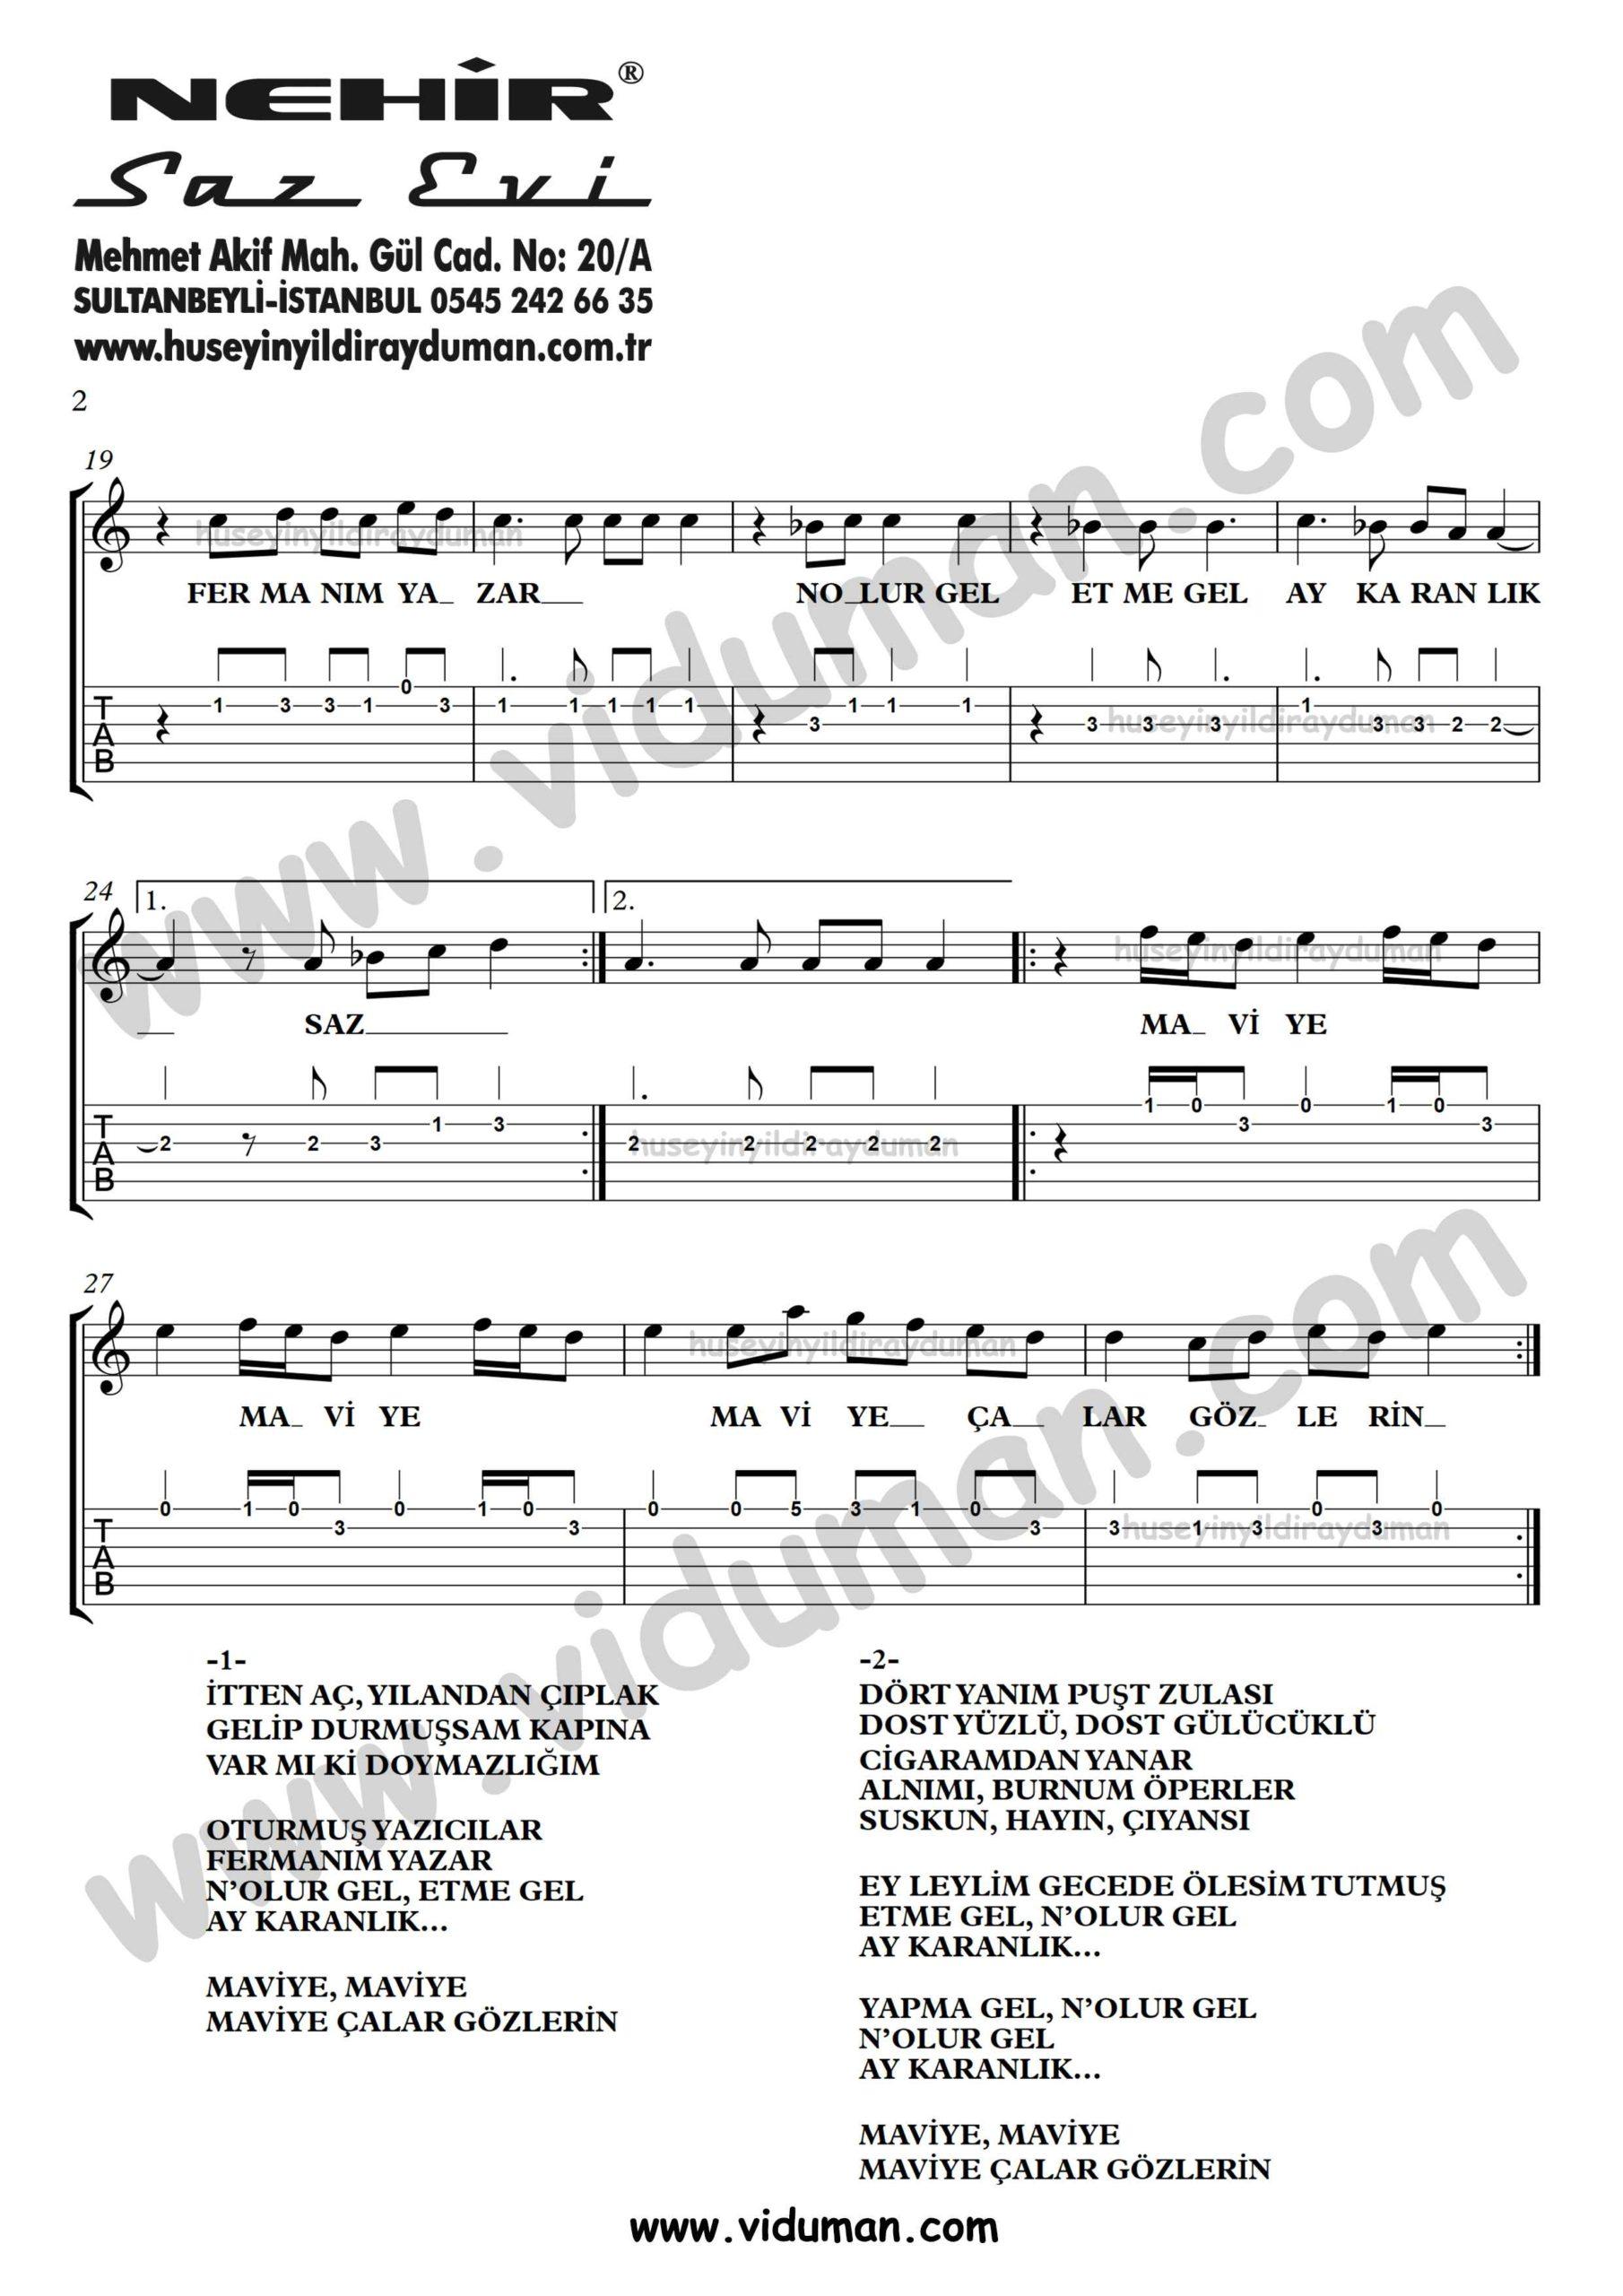 Maviye Calar Gozlerin_2-Ahmet Kaya-Gitar Tab-Solo Notalari